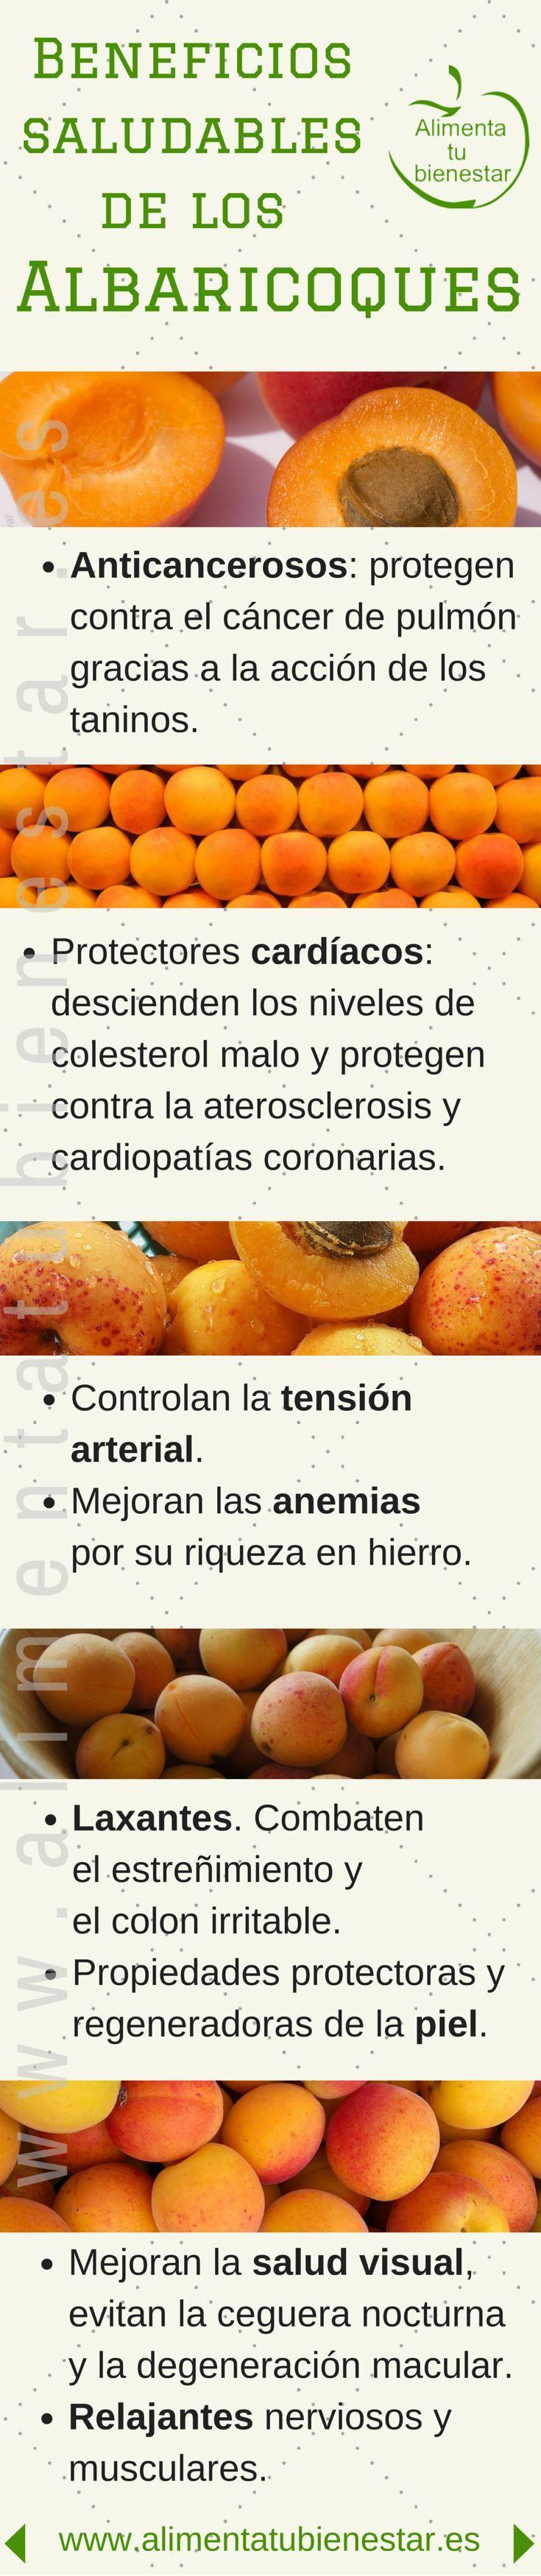 #Infografia Beneficios para la salud de los albaricoques #alimentatubienestar